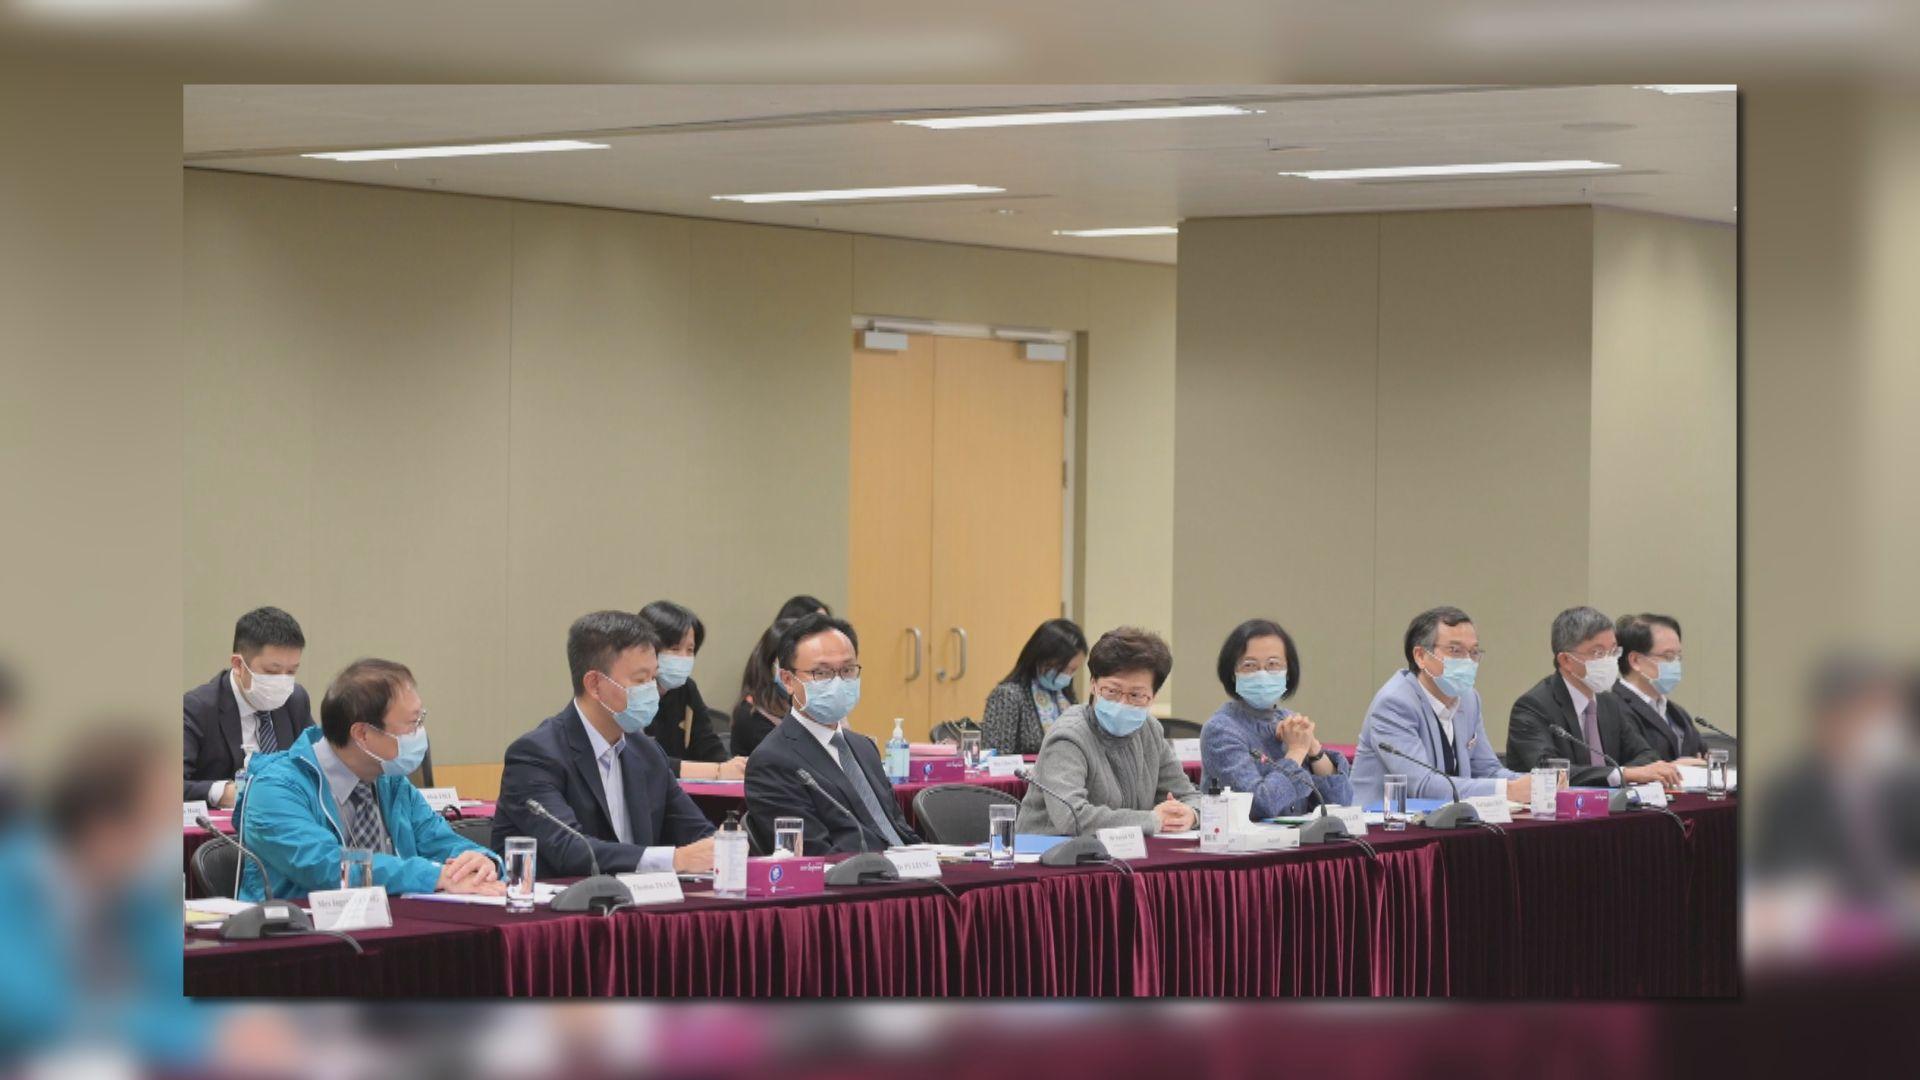 籌備疫苗注射 專家顧問委員會開首次會議